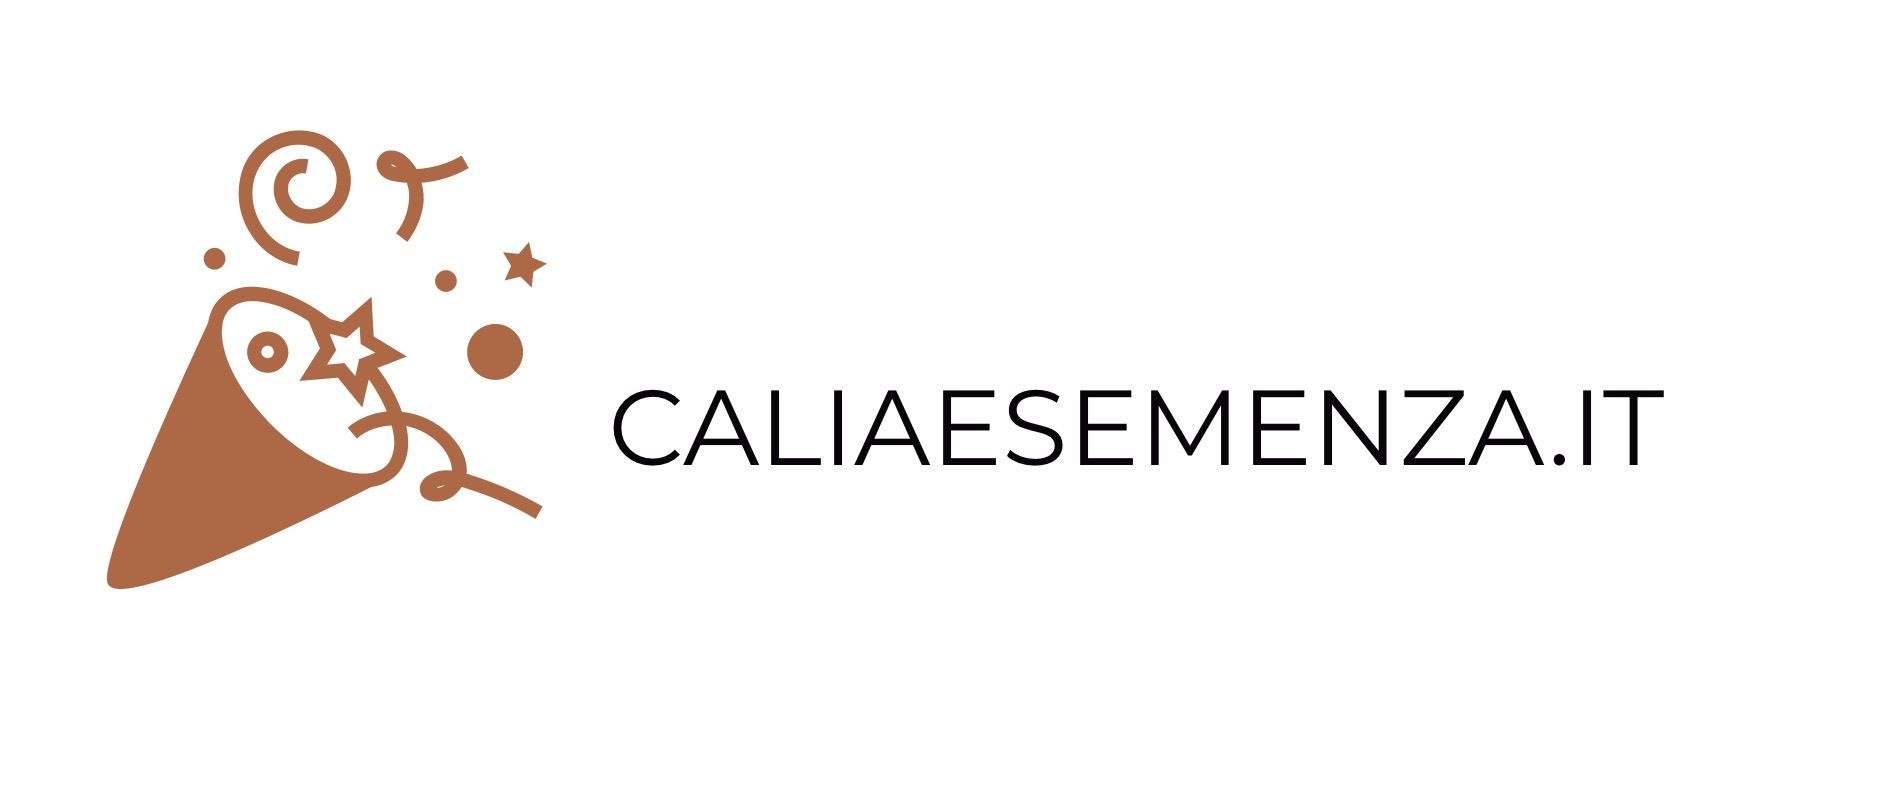 caliaesemenza.it